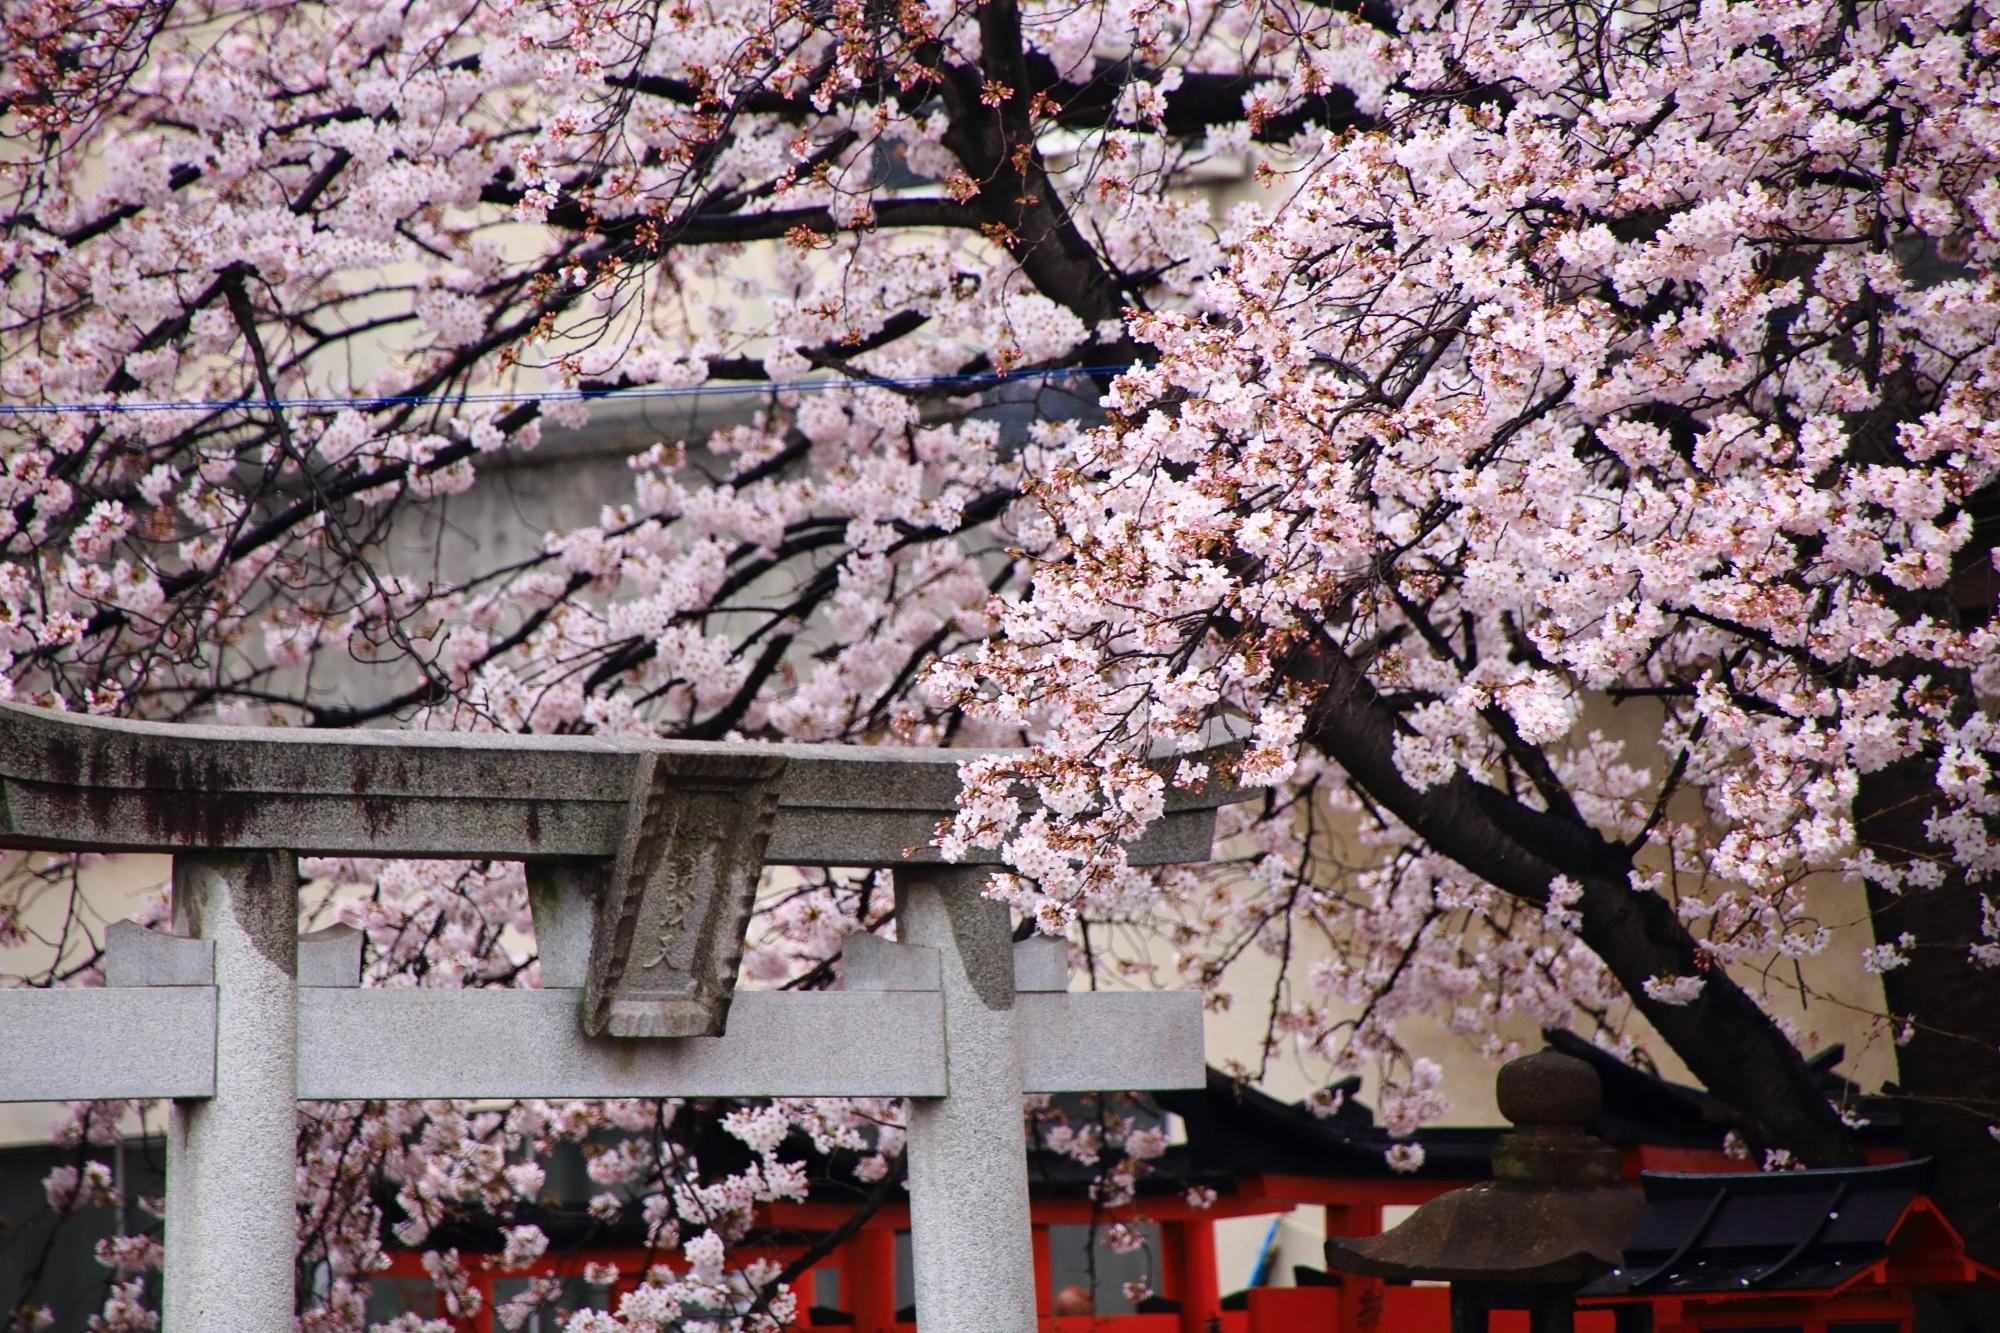 石の鳥居をつつむ咲き誇る満開の桜